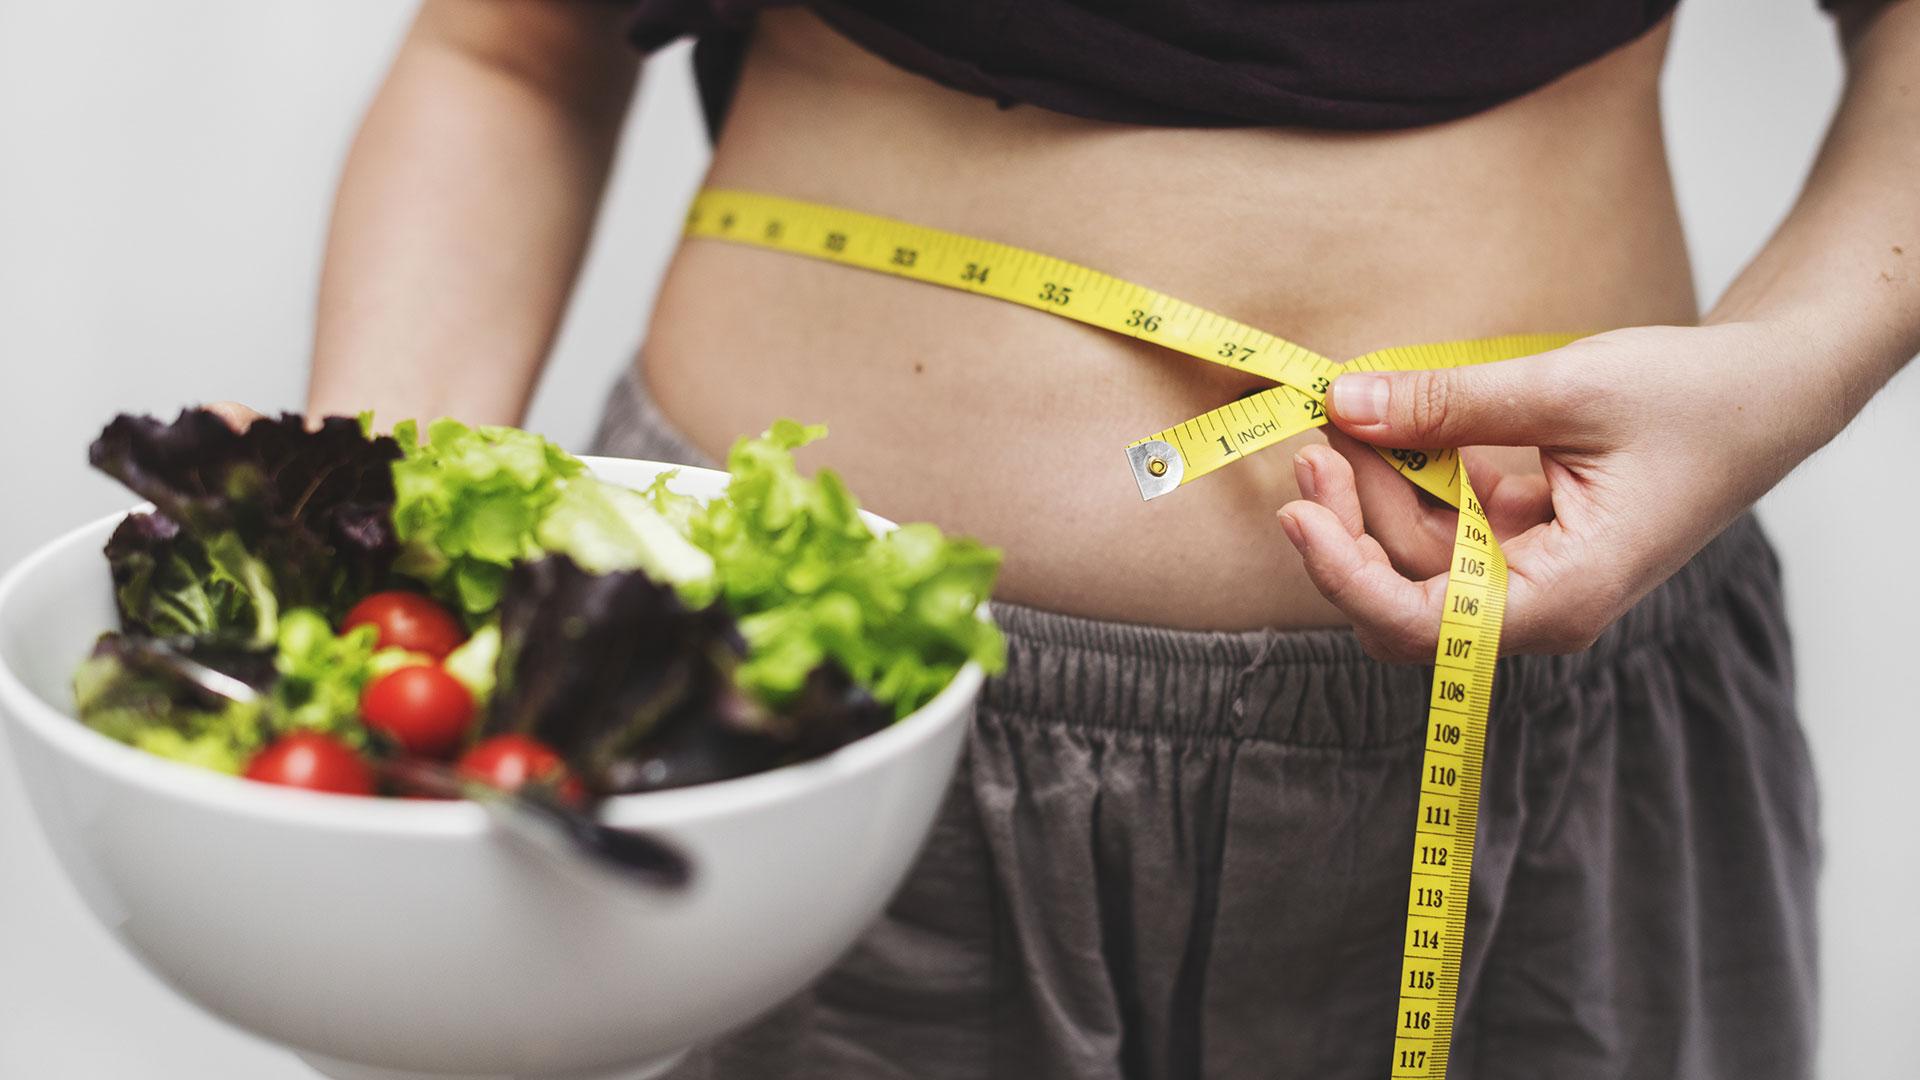 Жена с купа пресни желенчуци измерва талията си с шивашки метър